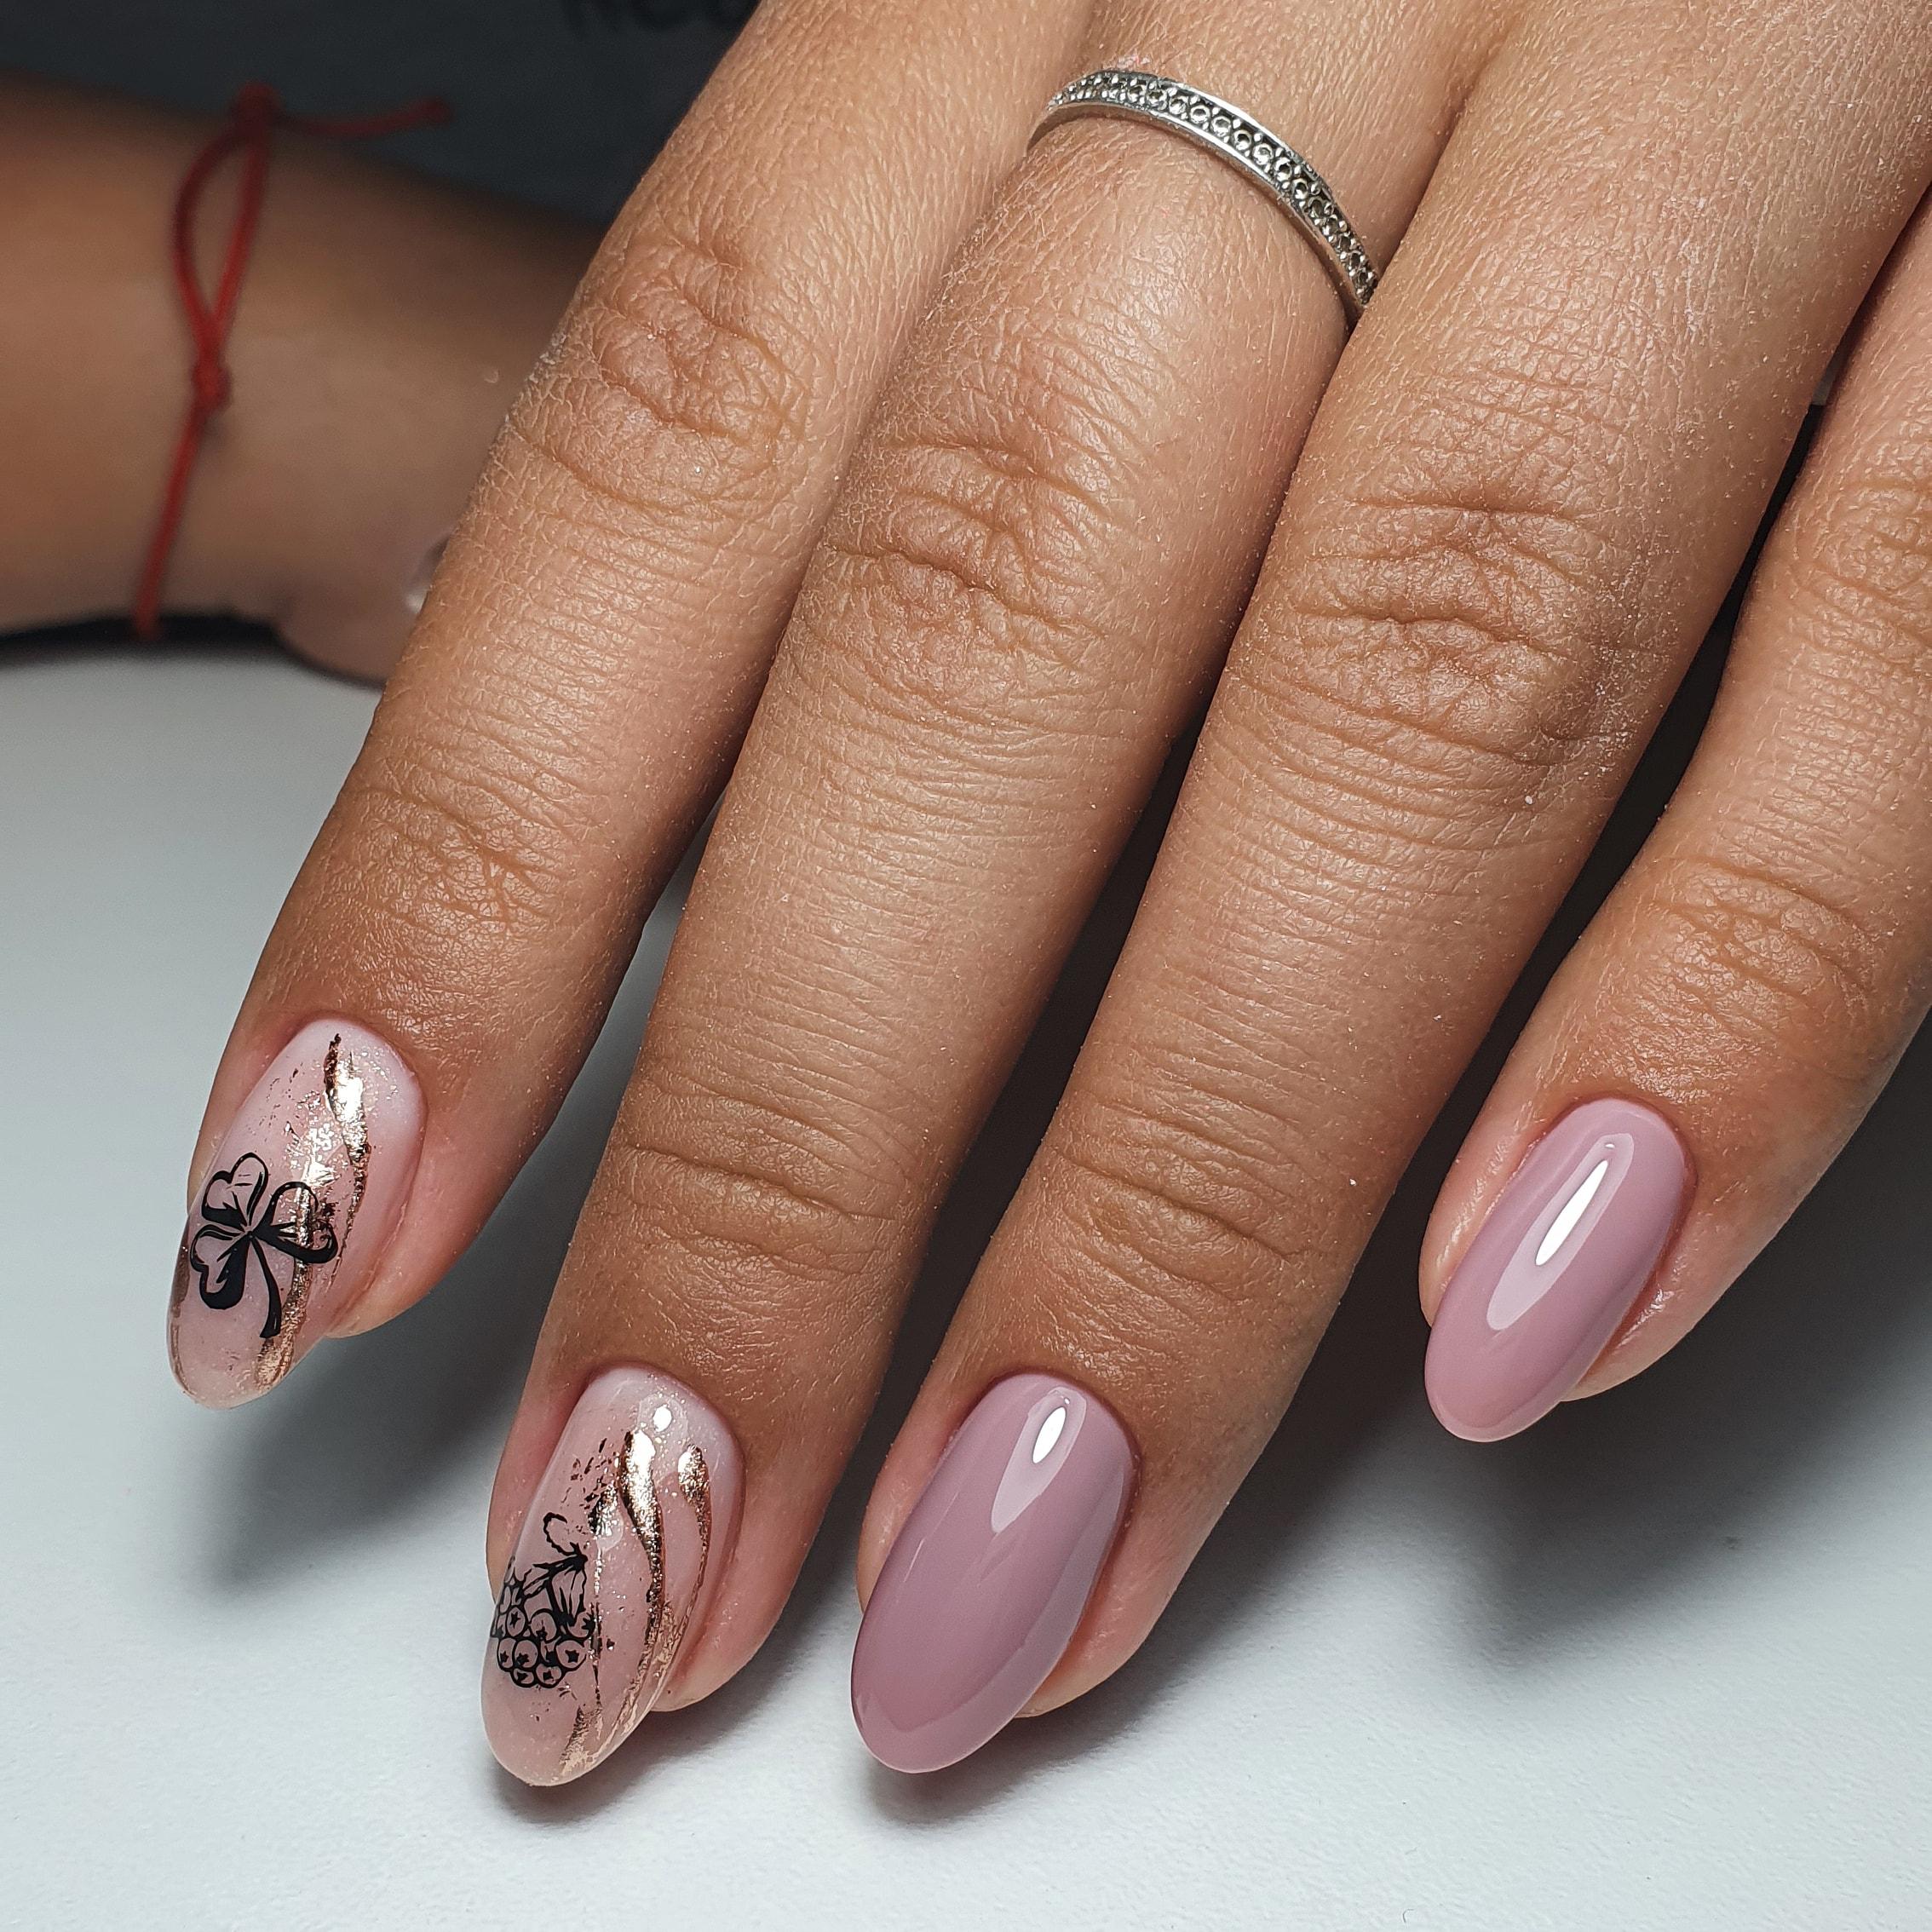 Маникюр с растительными слайдерами в сиреневом цвете на короткие ногти.